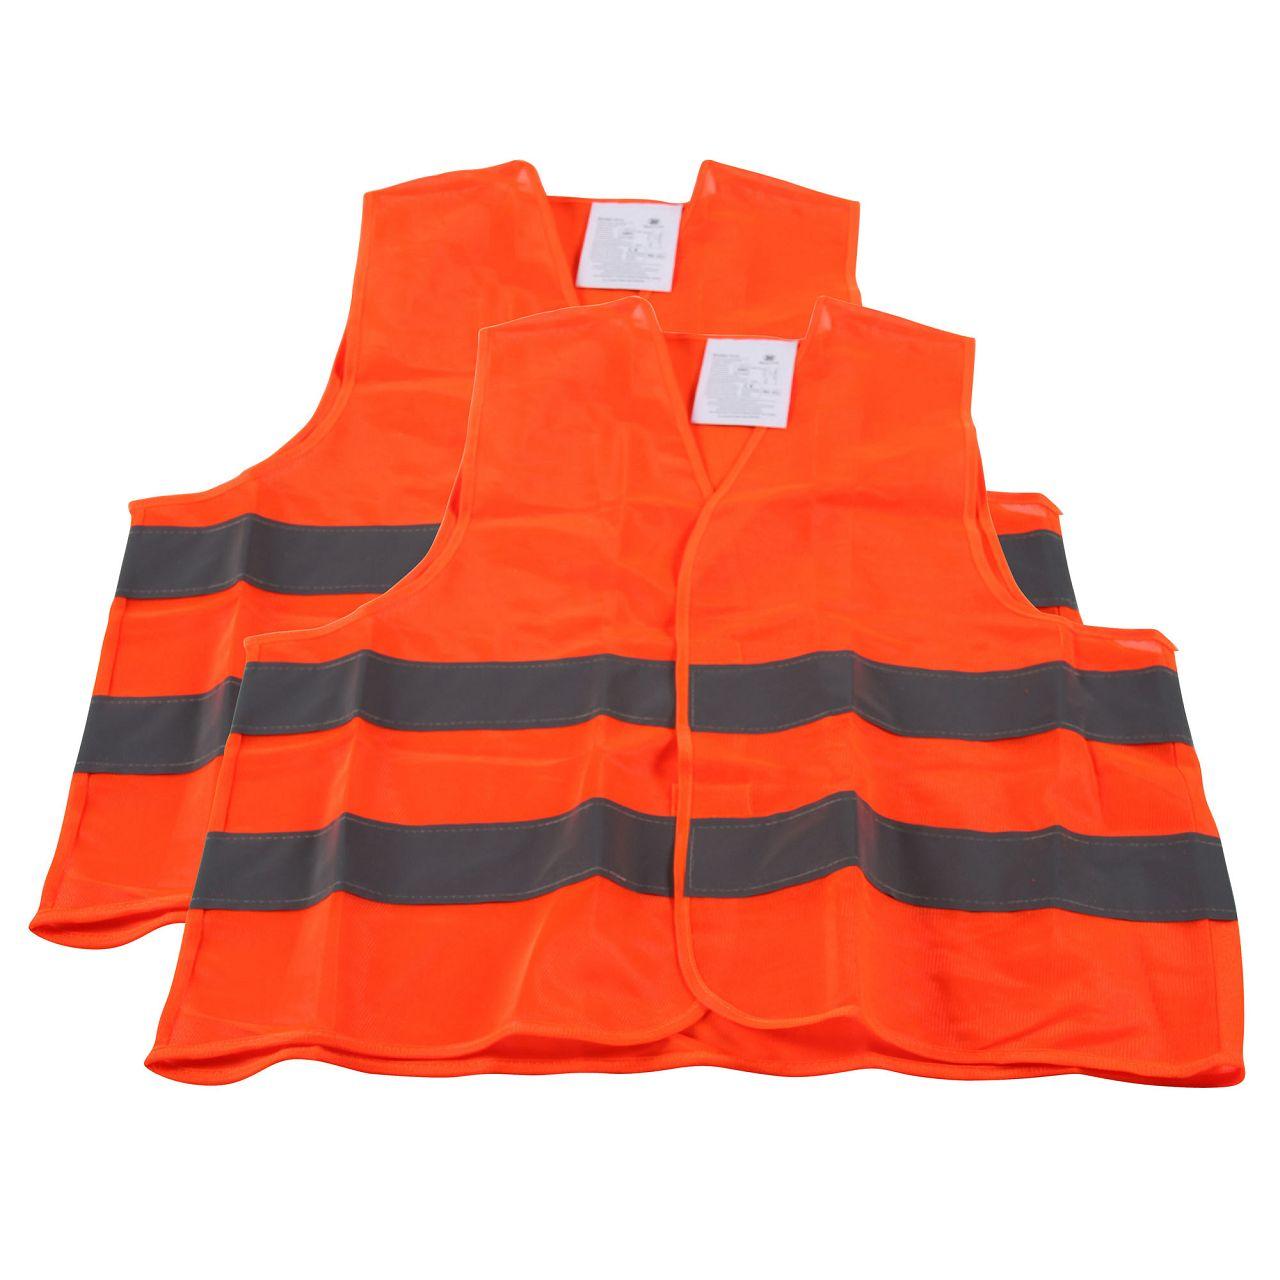 2x Warnweste Warnschutzweste Sicherheitsweste ORANGE Größe XL EN ISO 20471